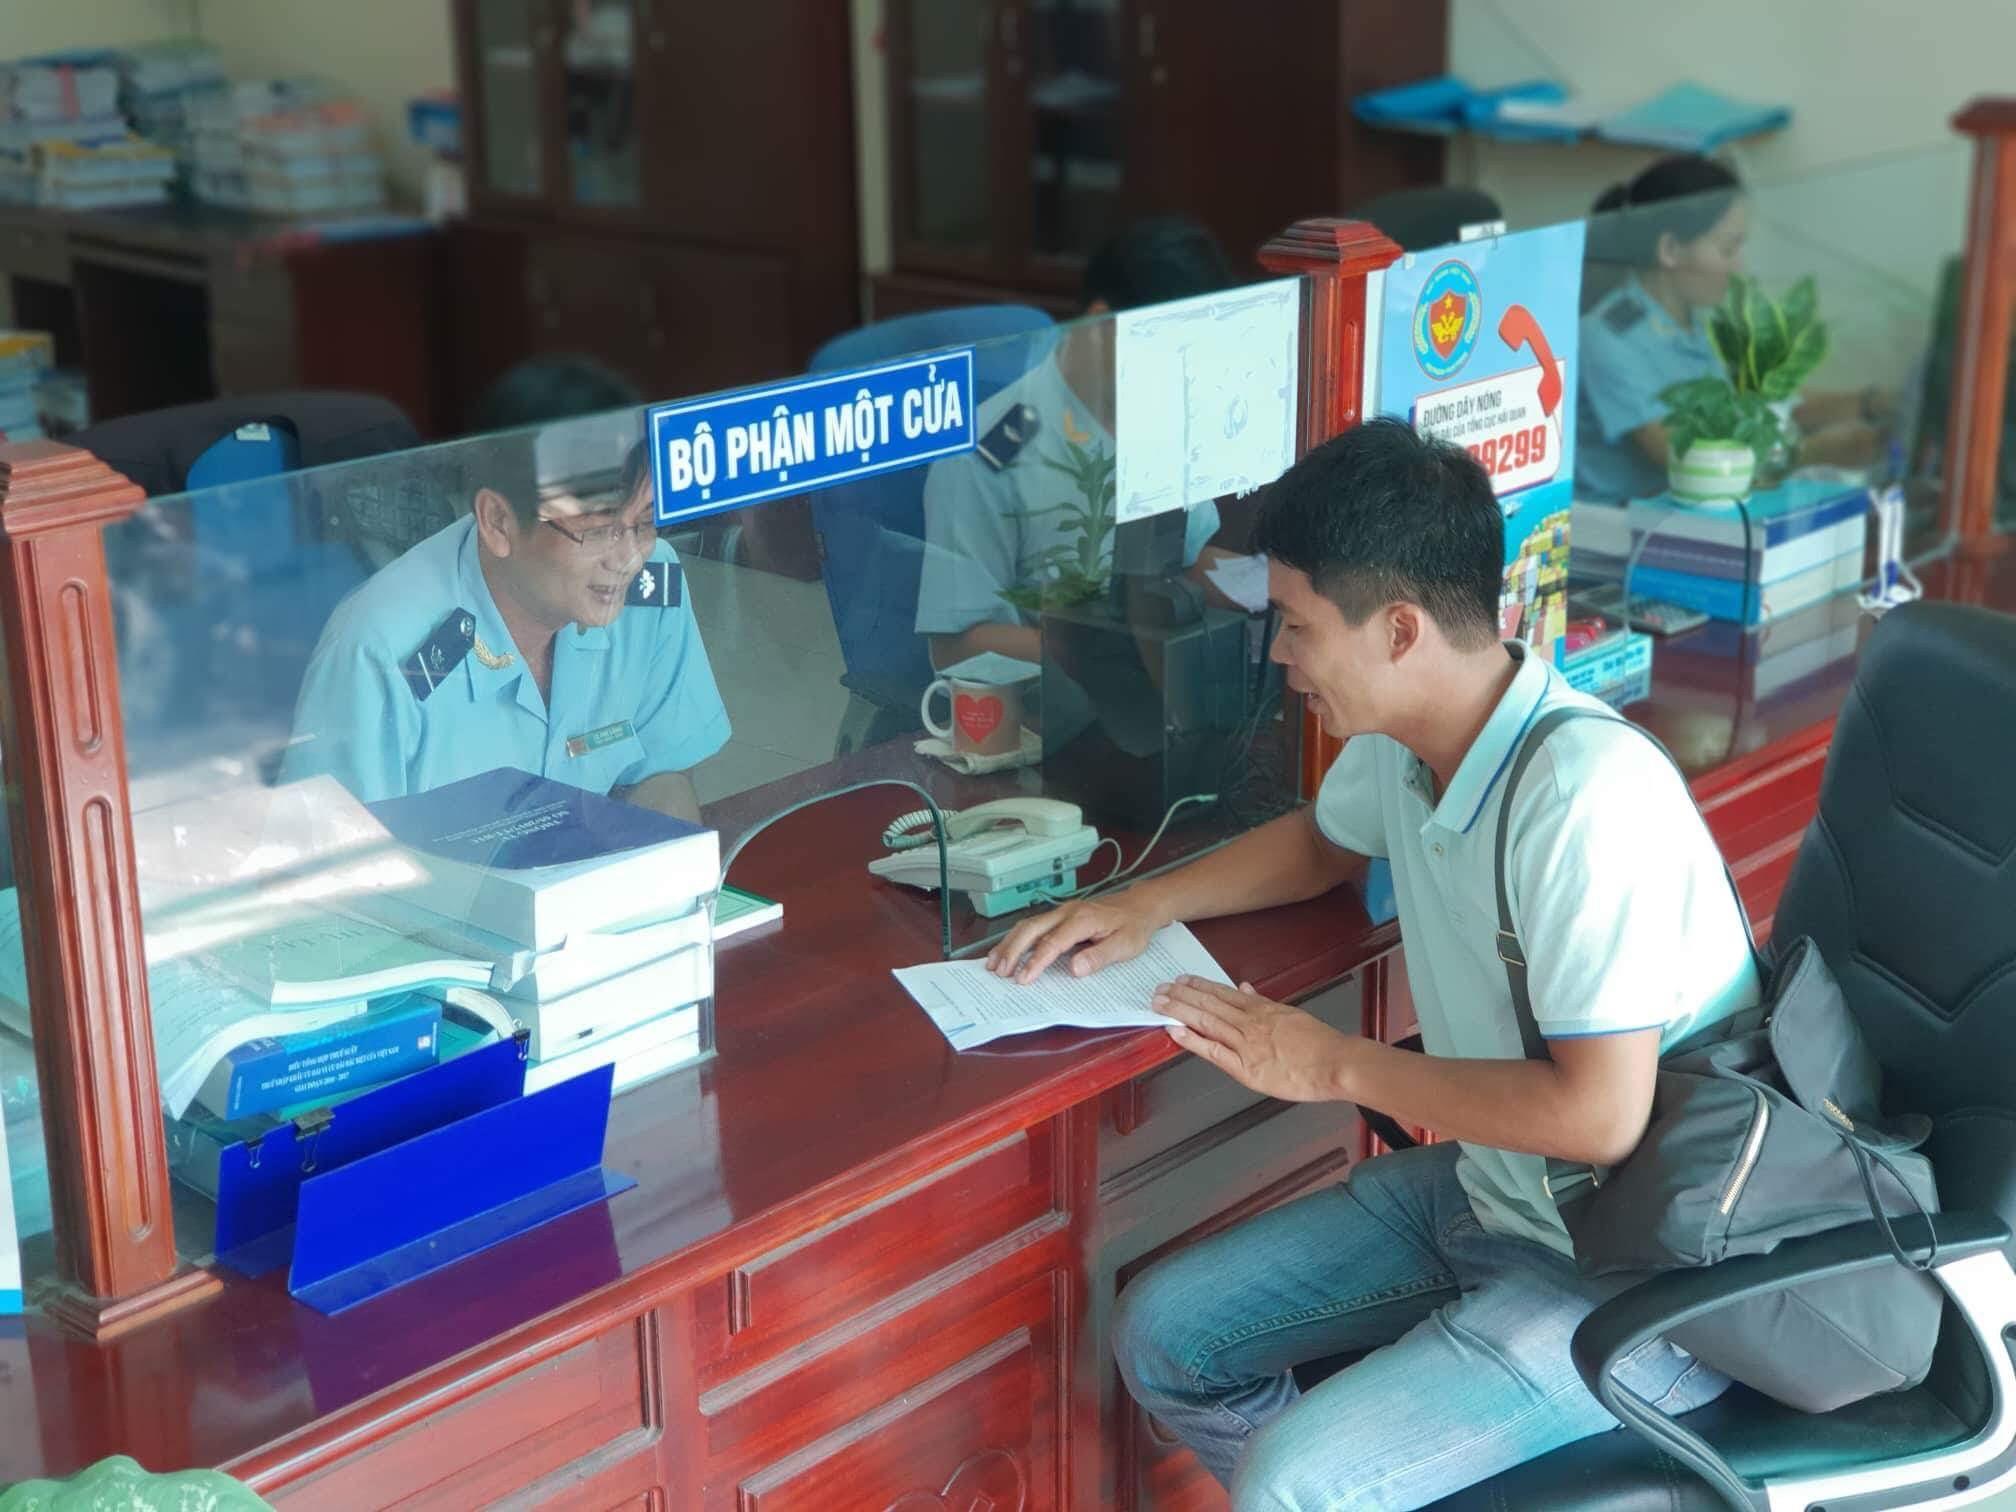 Đẩy mạnh phát triển cơ chế một cửa quốc gia, cơ chế một cửa ASEAN trong bối cảnh hội nhập